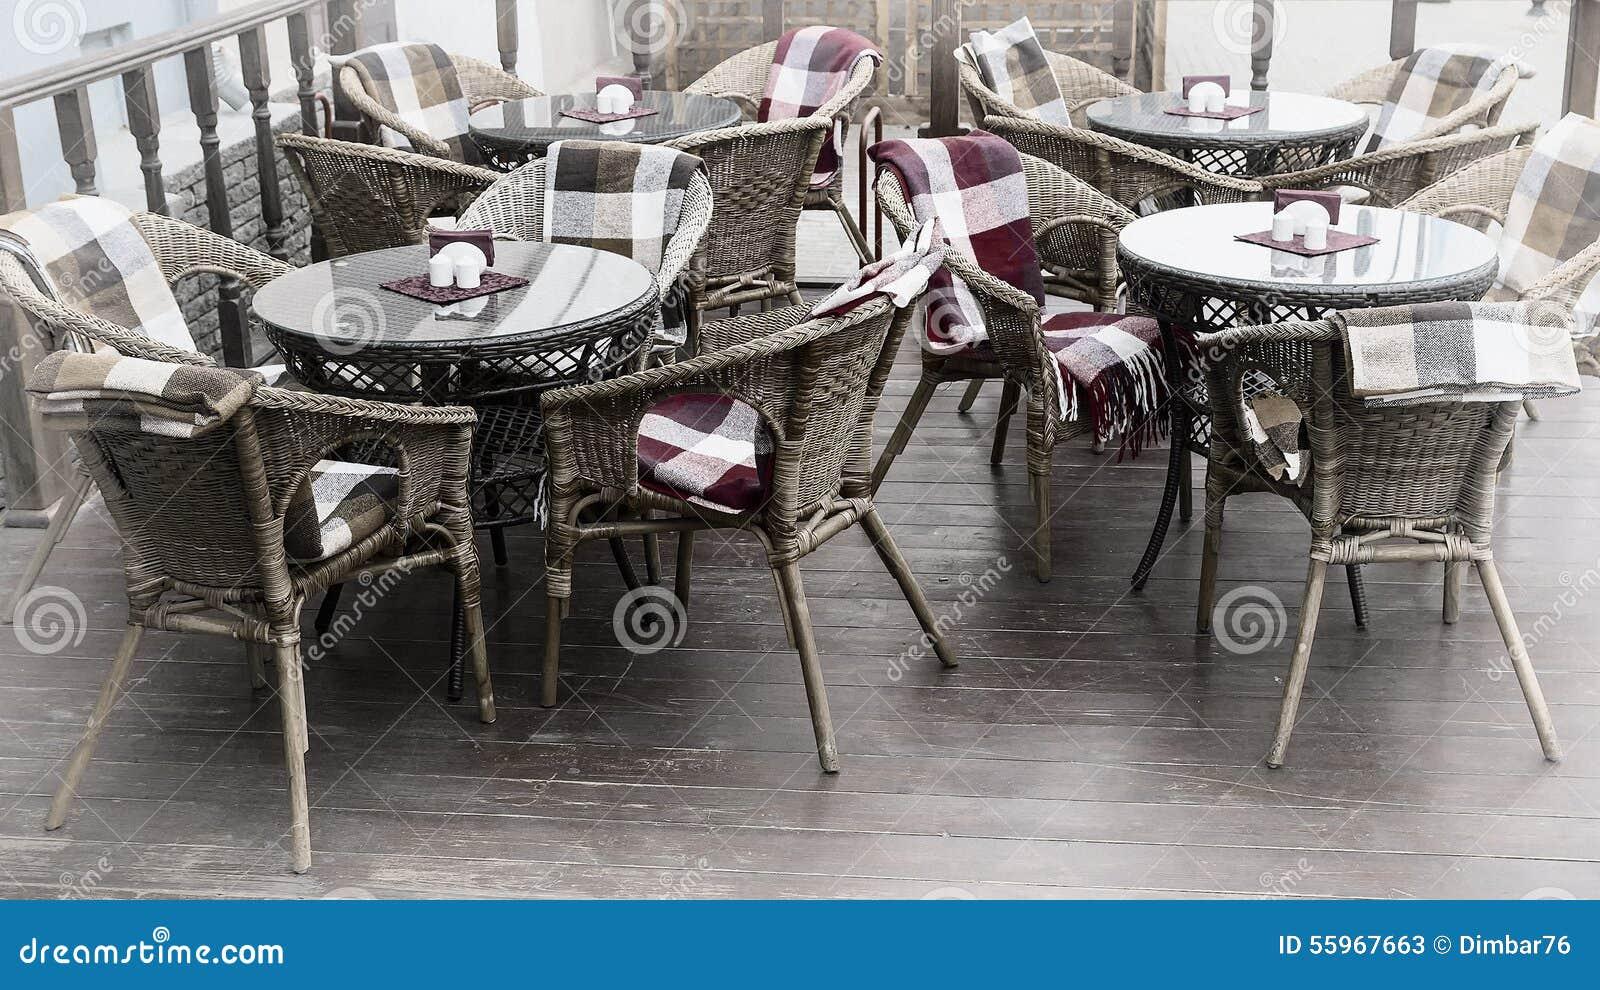 Stuhle Mit Bunten Wolldecken Und Tabellen Auf Der Terrasse Einer Strasse Stockbild Bild Von Bunten Terrasse 55967663